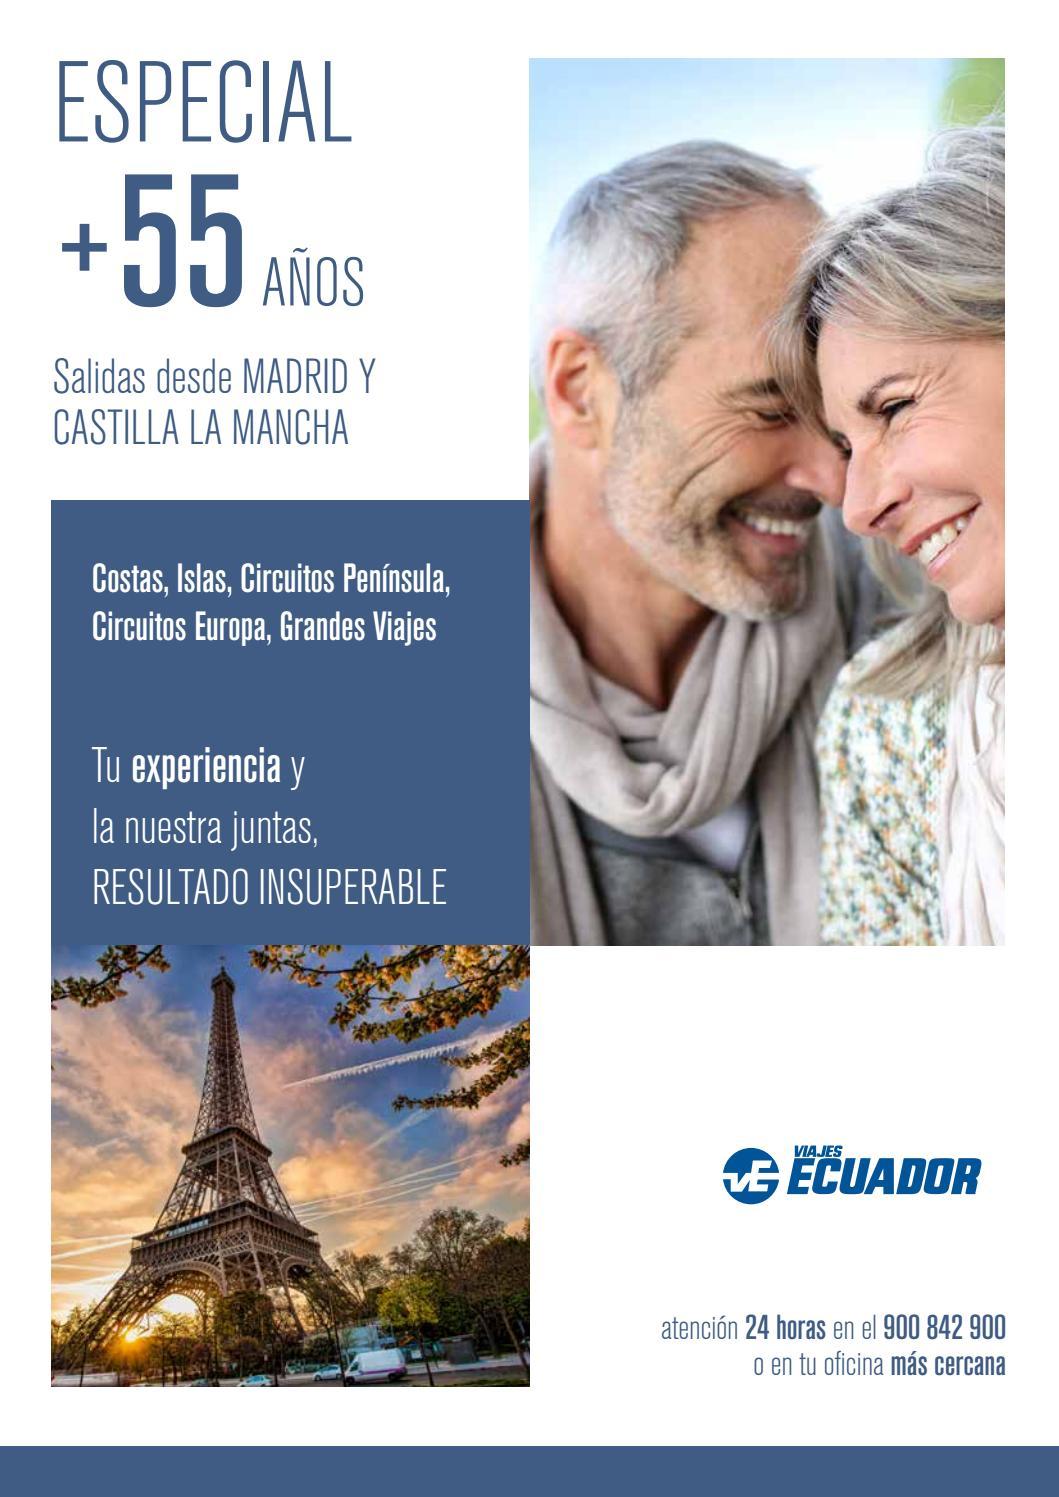 Halcon viajes viajes ecuador cat logo senior 2017 2018 by indesigners issuu - Oficinas viajes halcon ...